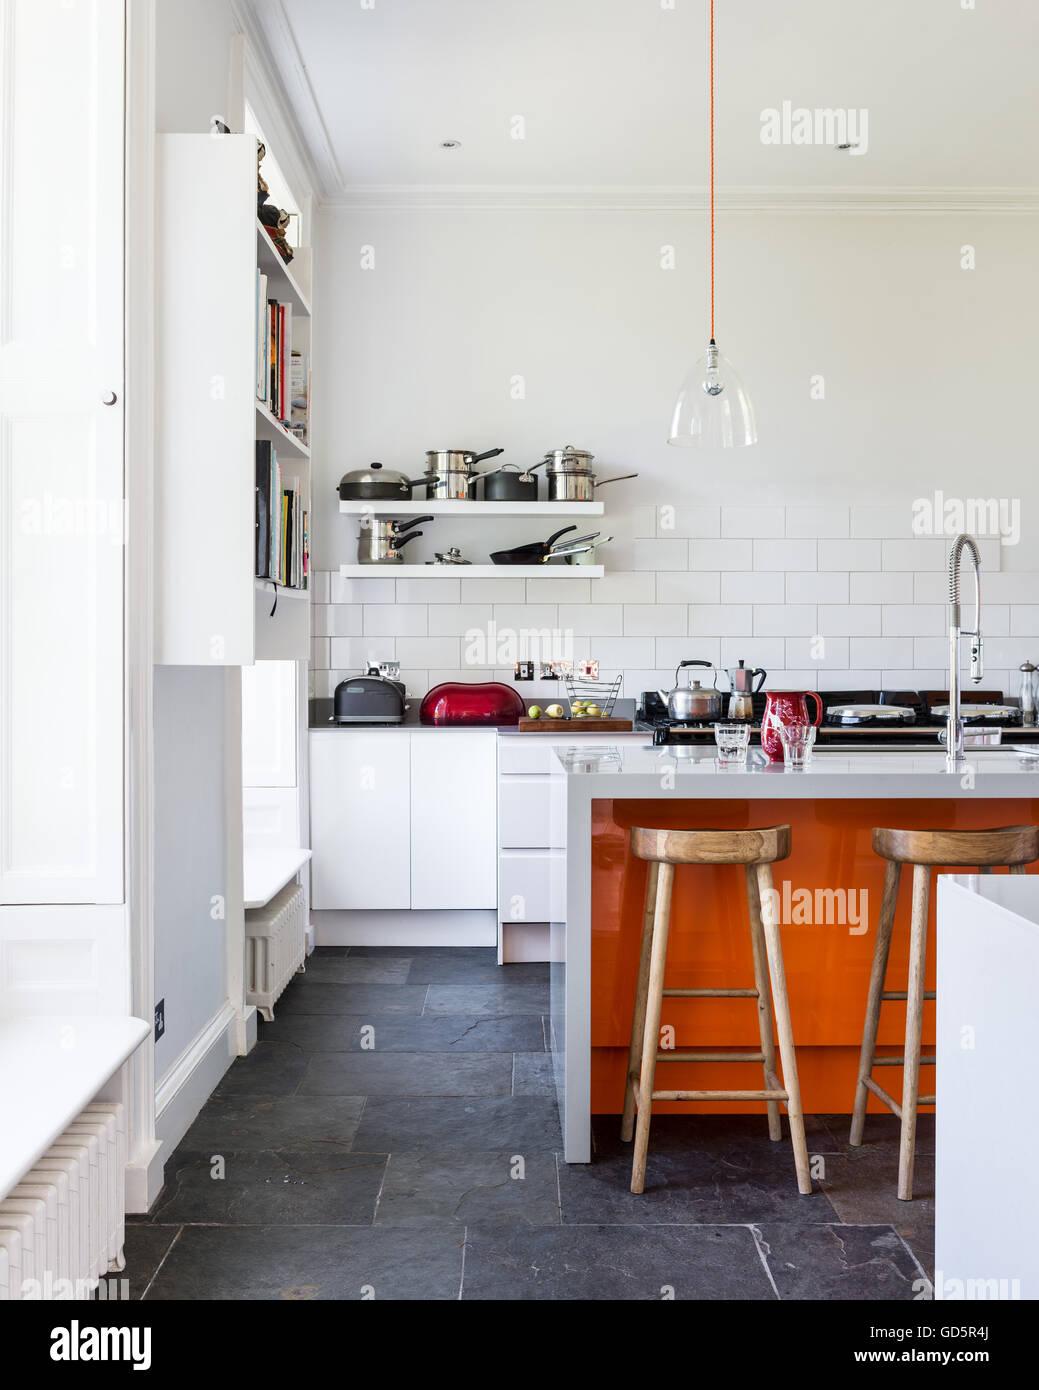 Cocina de techos altos con azulejos blancos y grises metro desgarrada la pizarra del suelo. Imagen De Stock